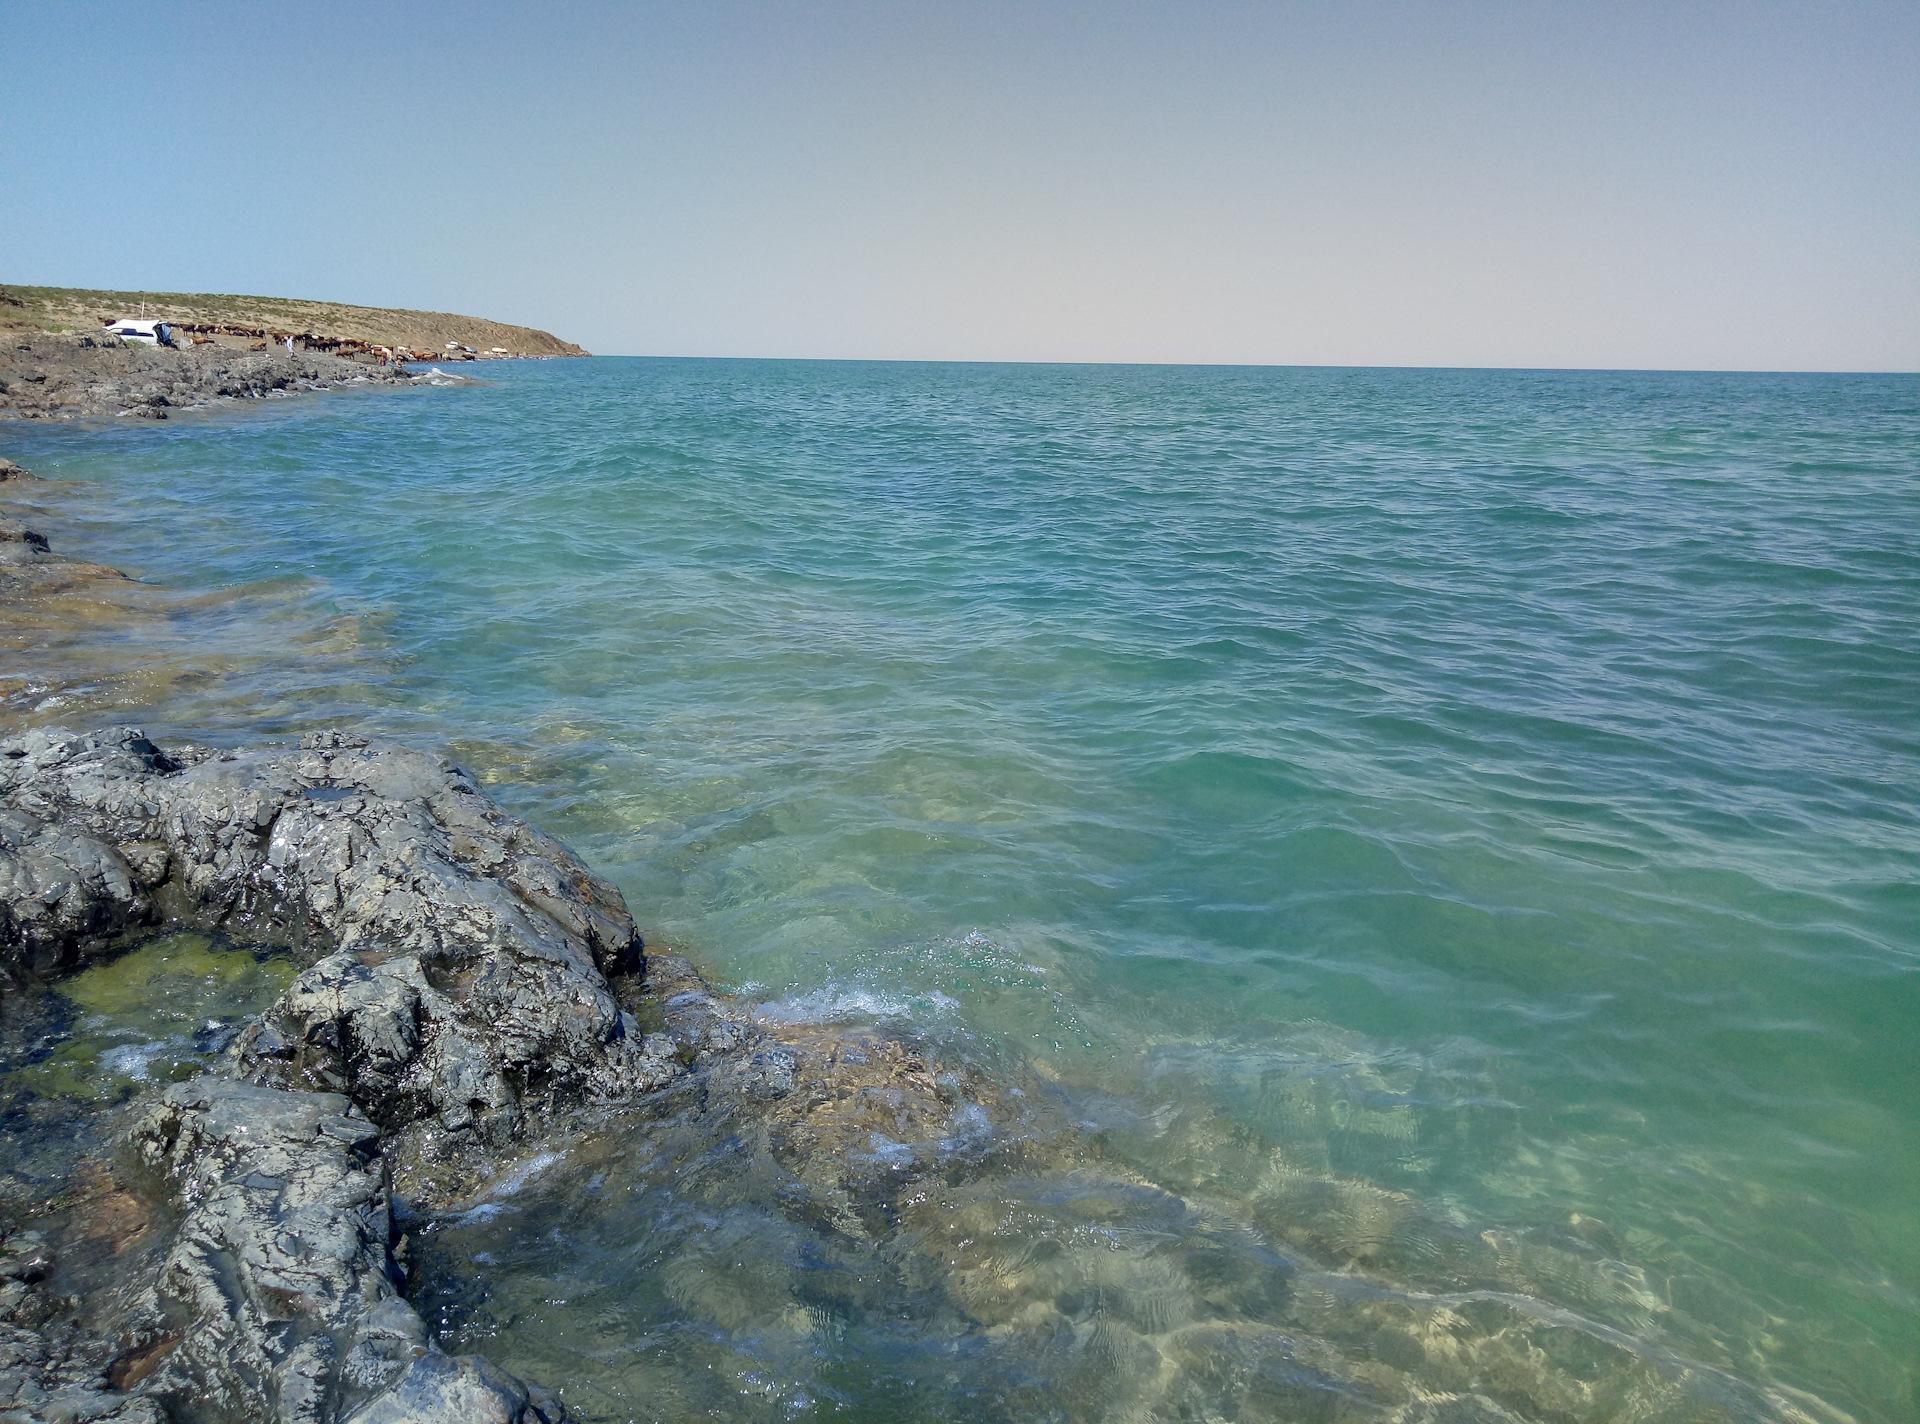 высококлассные озеро балхаш казахстан фото македонии двое